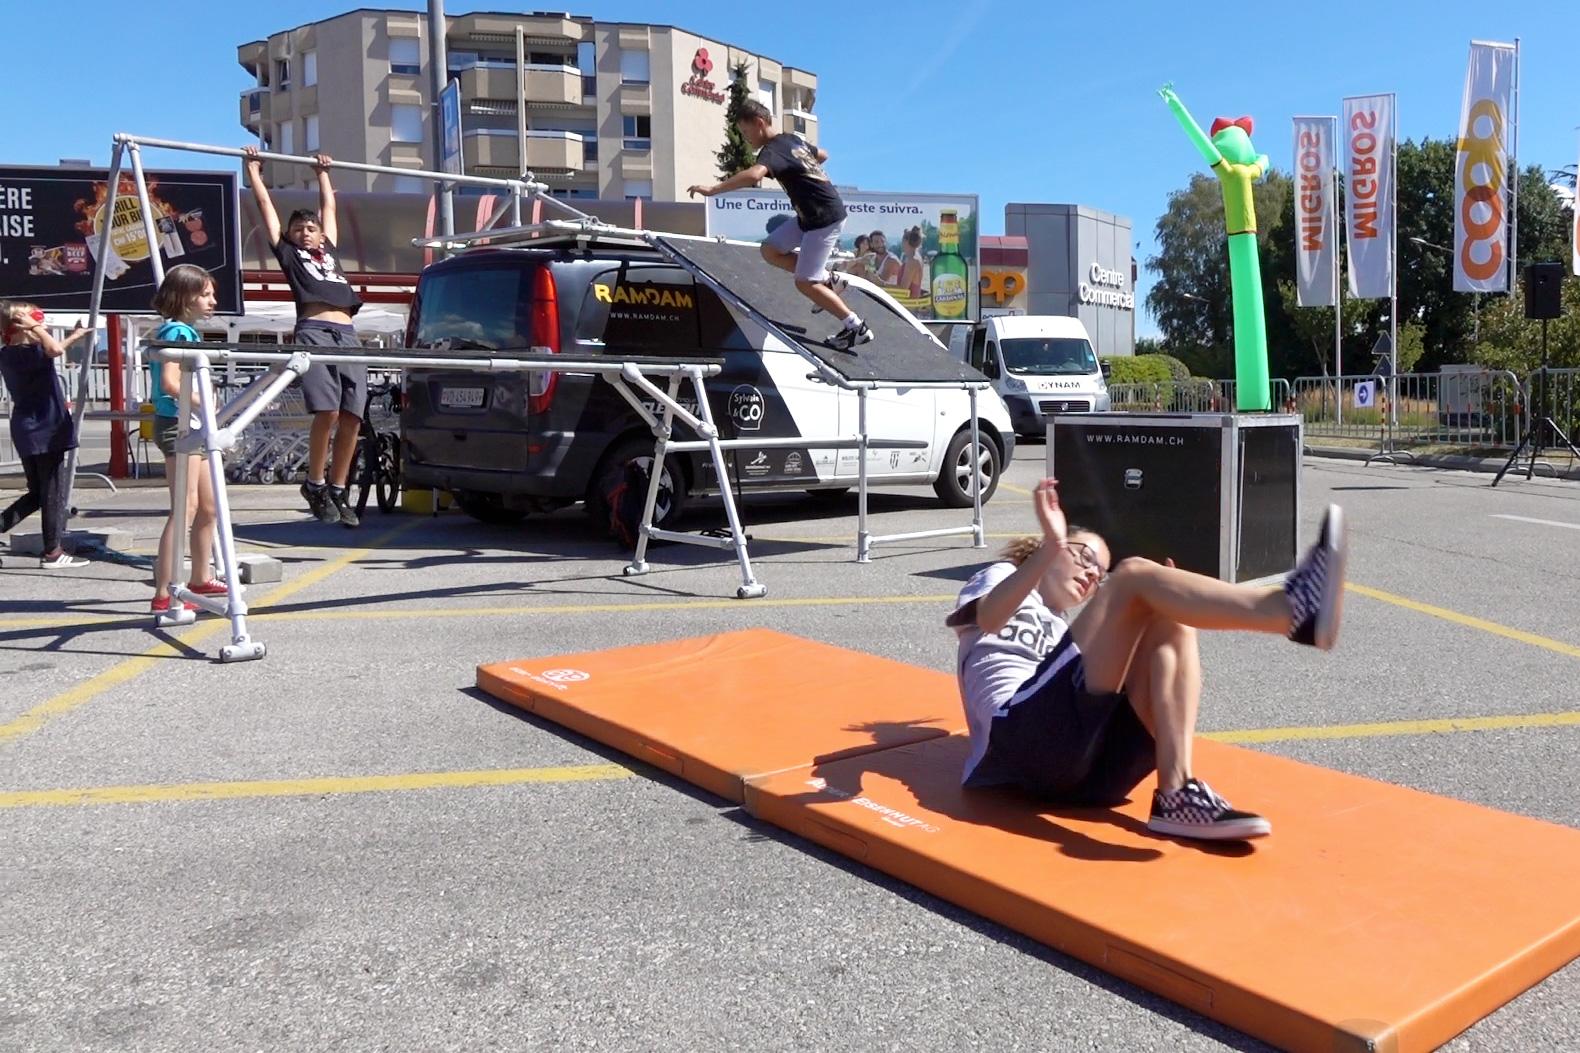 initiations parkour et freerunning avec encadrée par un athlète de parkour professionnel